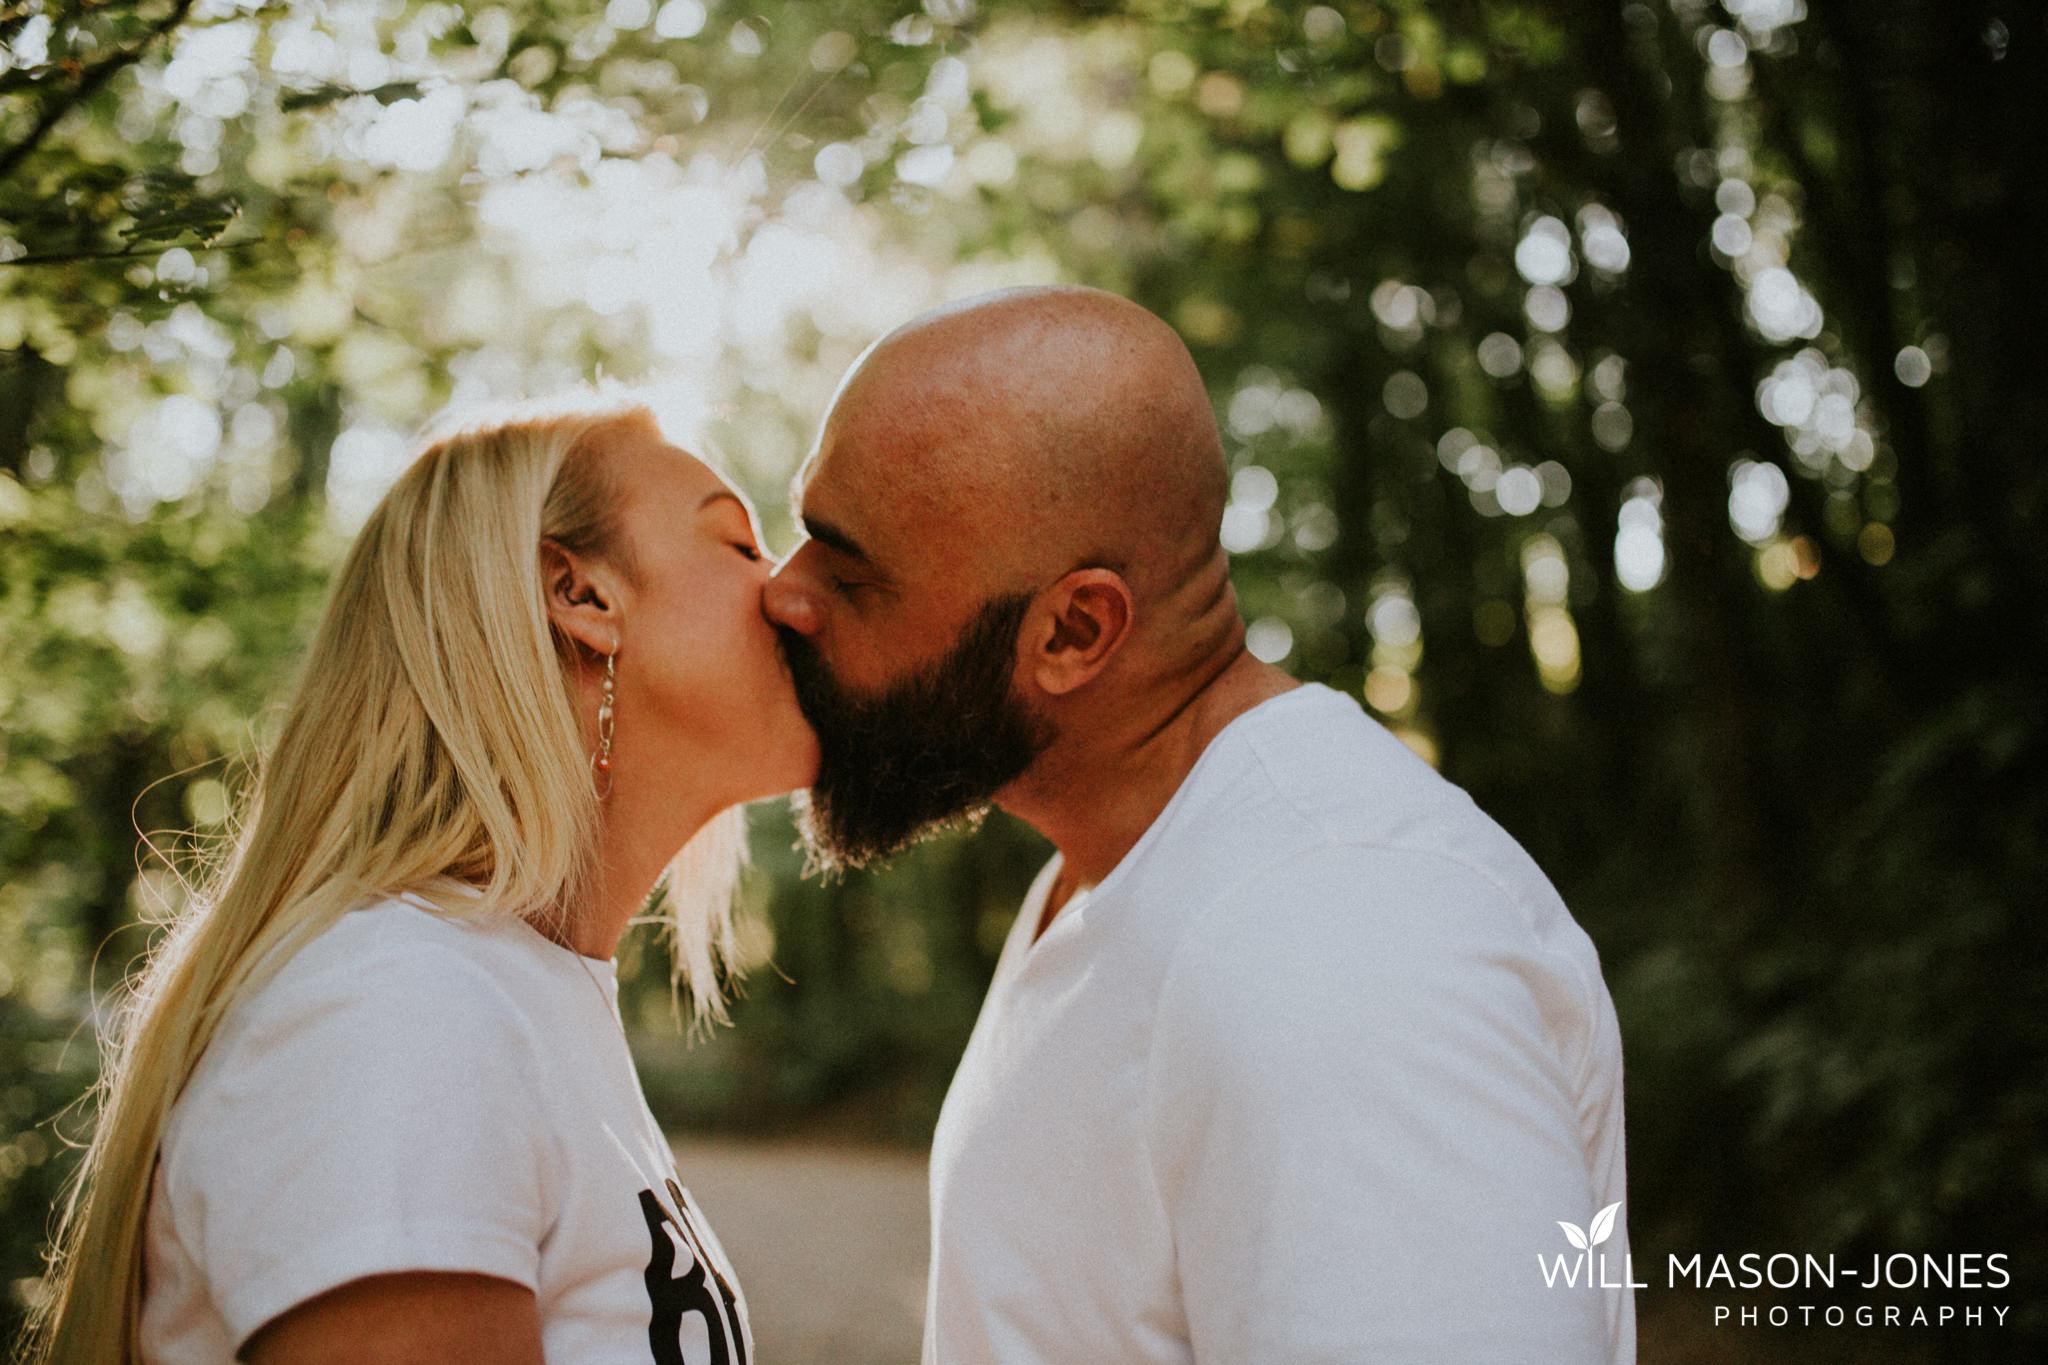 penllegaer-woods-couple-engagement-photographer-swansea-105.jpg